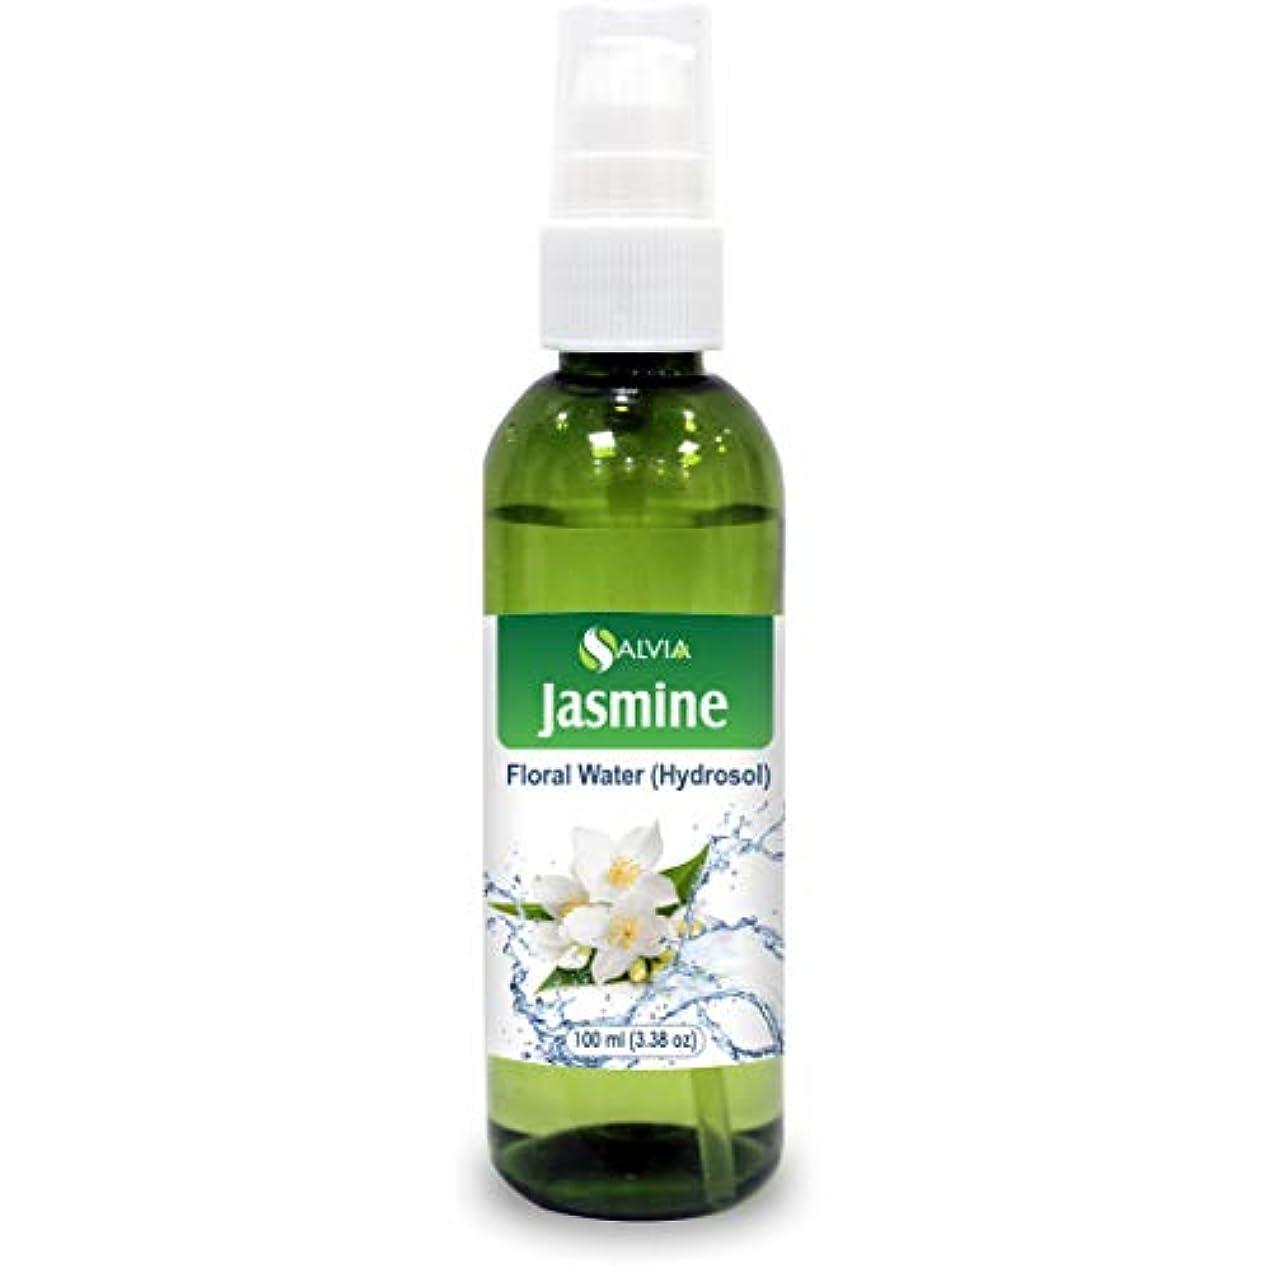 ブレンド取り組むスチュワーデスJasmine Floral Water 100ml (Hydrosol) 100% Pure And Natural